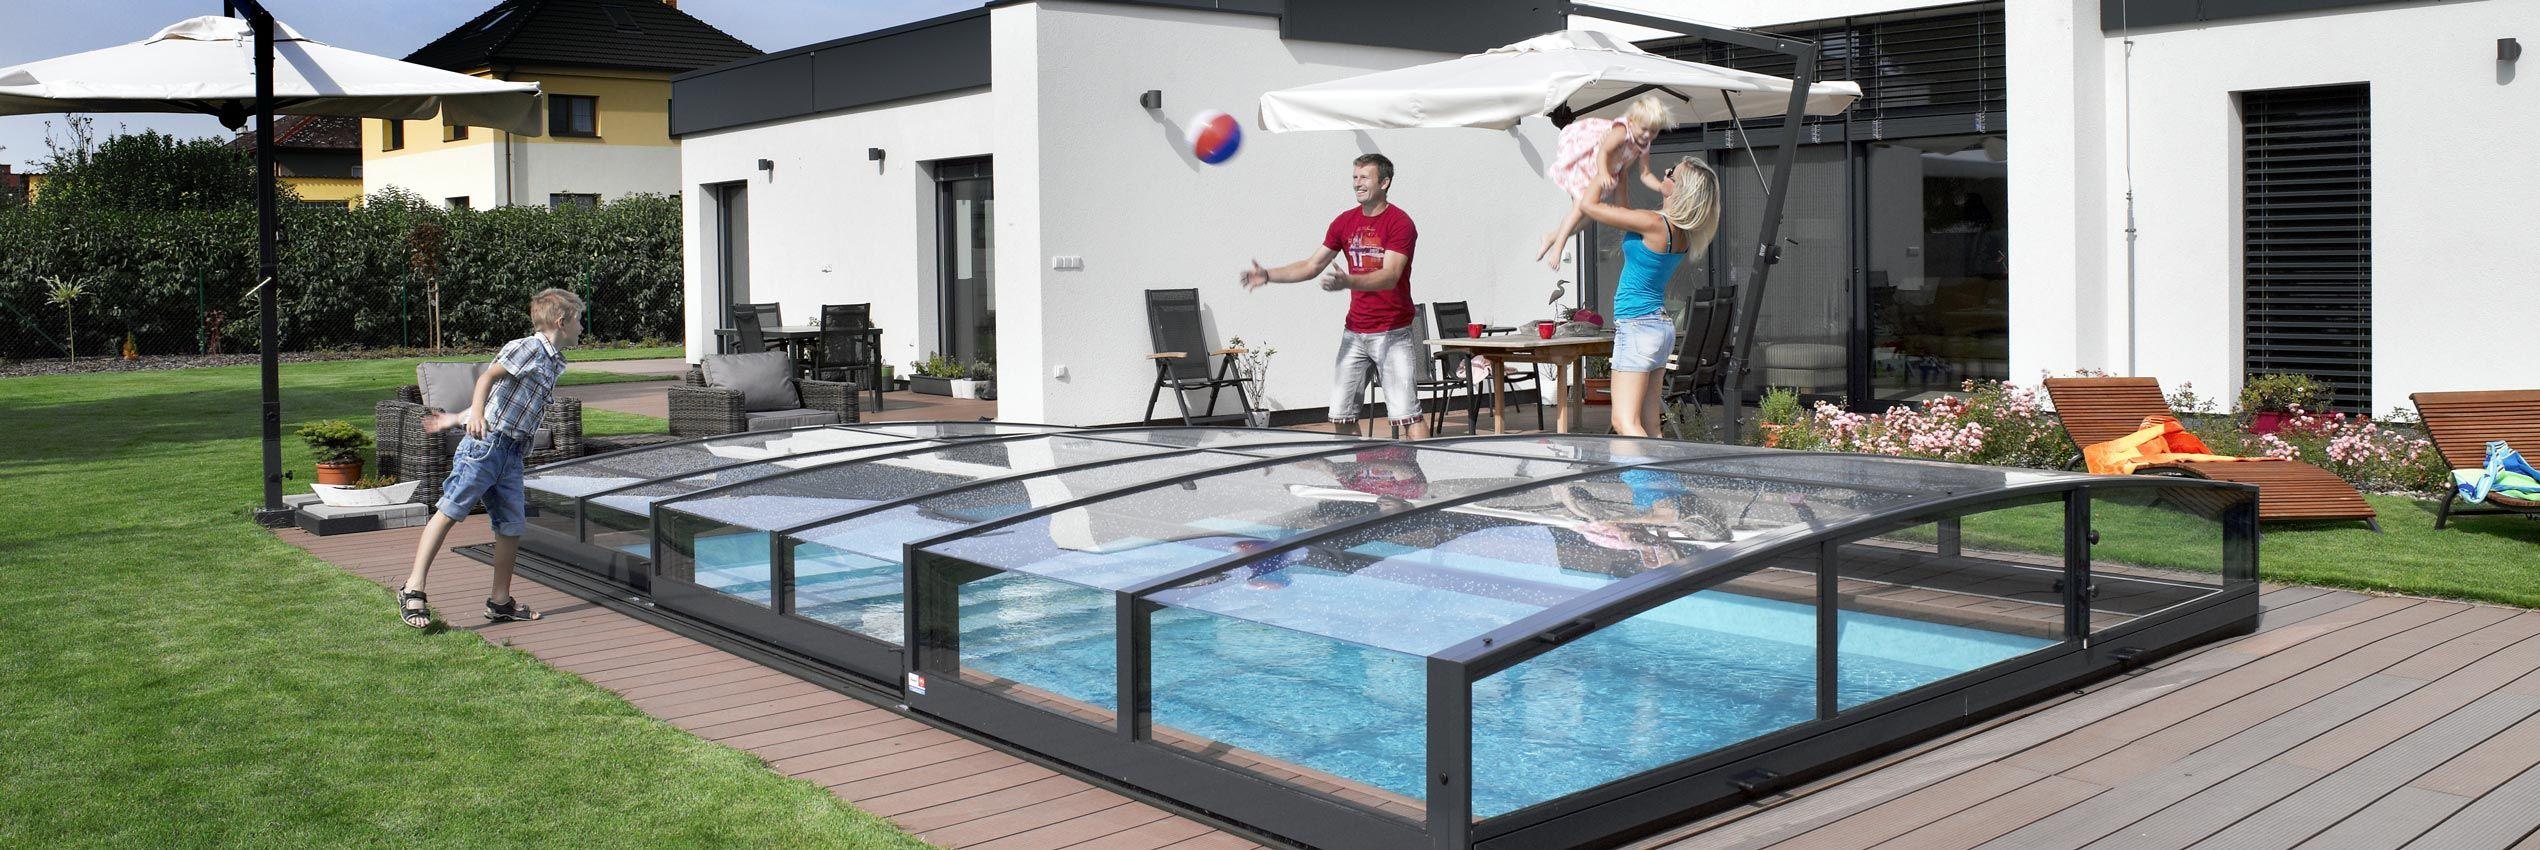 Teilweise aufgeschoben verschiebbare Poolüberdachung Viva